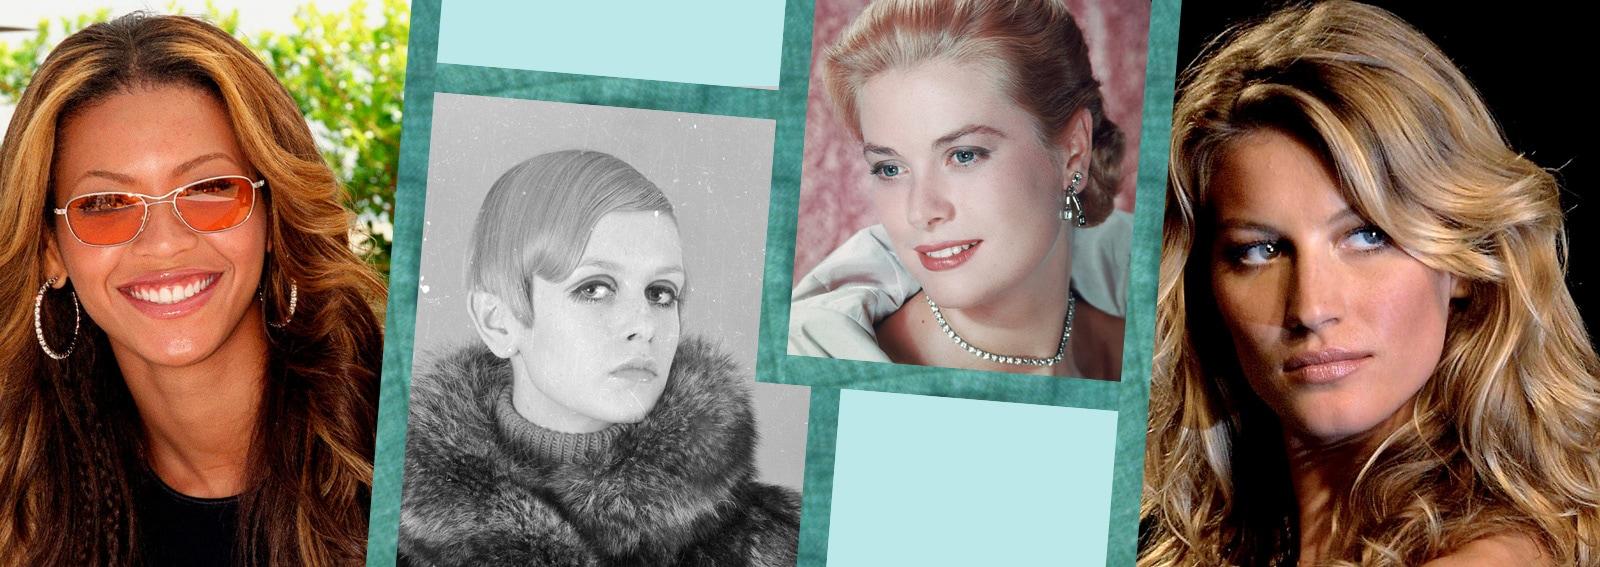 Ispirazioni vintage: l'evoluzione delle acconciature nelle varie epoche